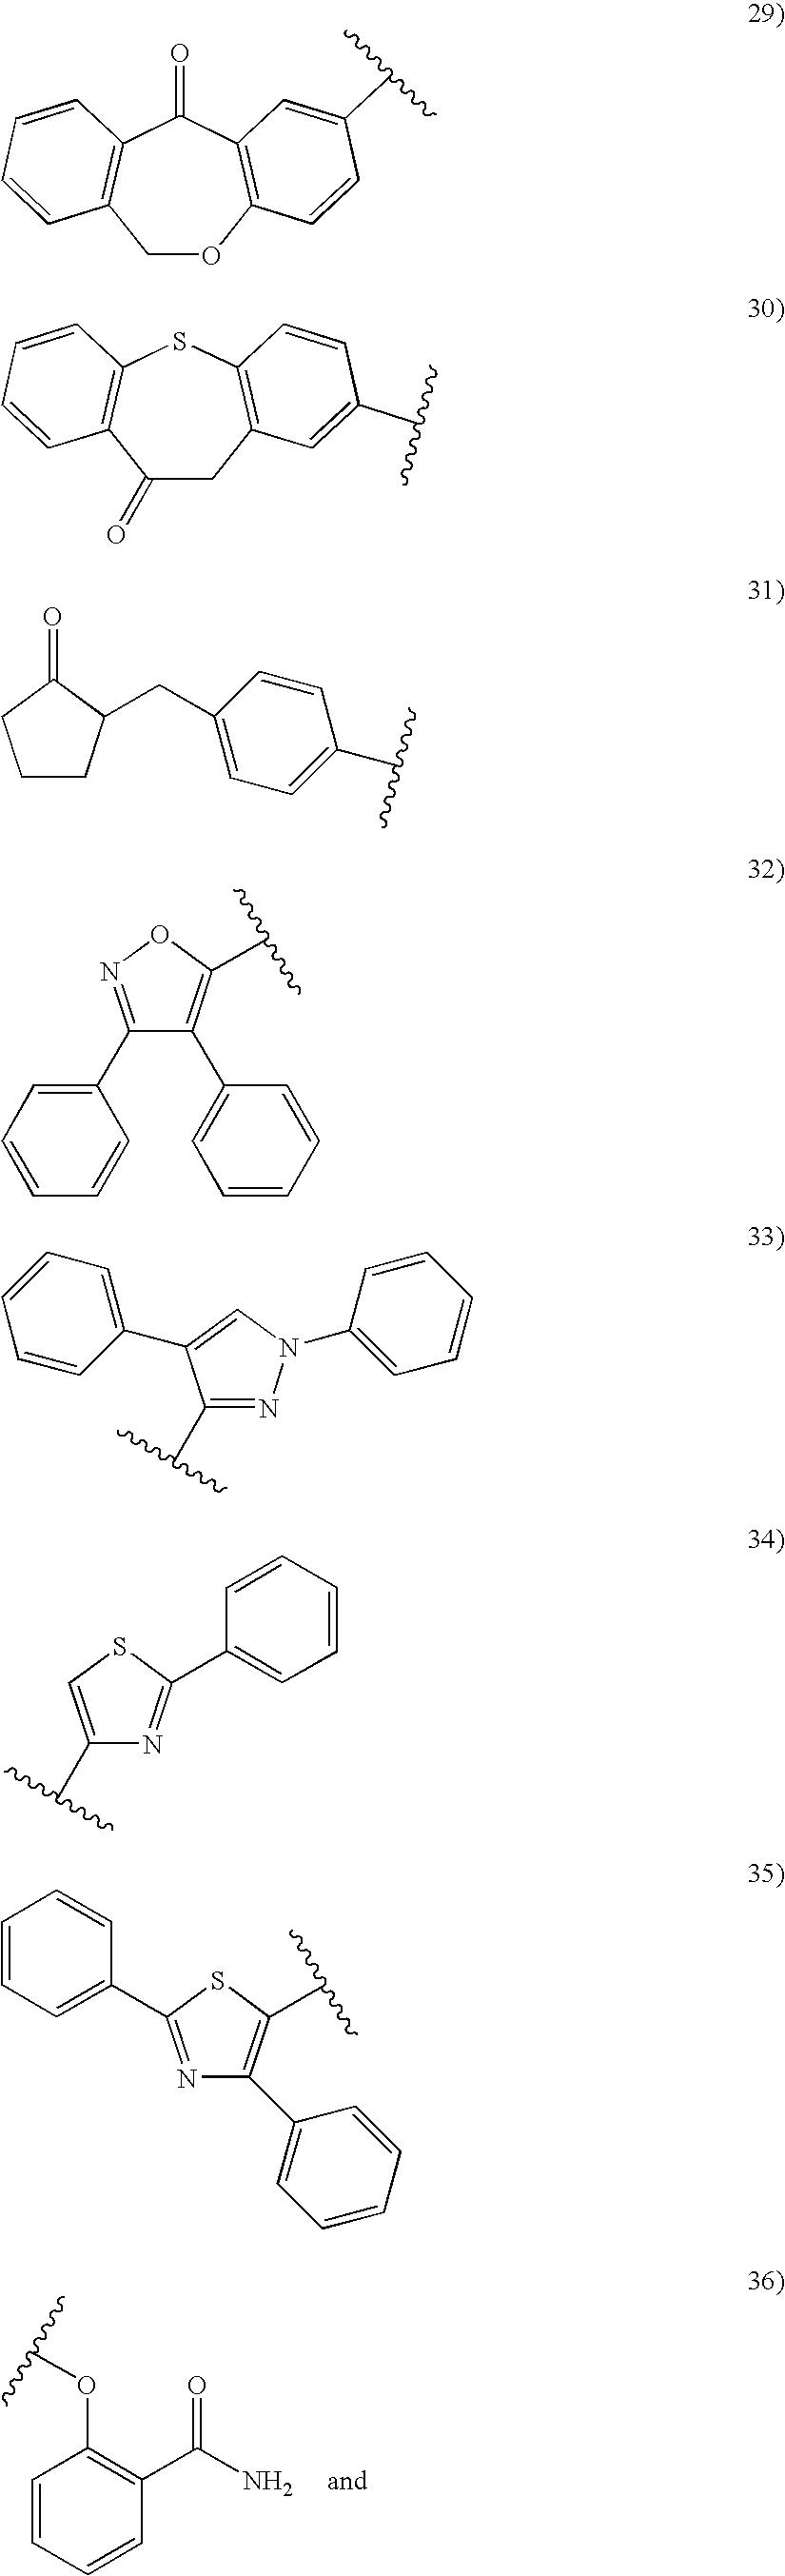 Figure US20050054714A1-20050310-C00025